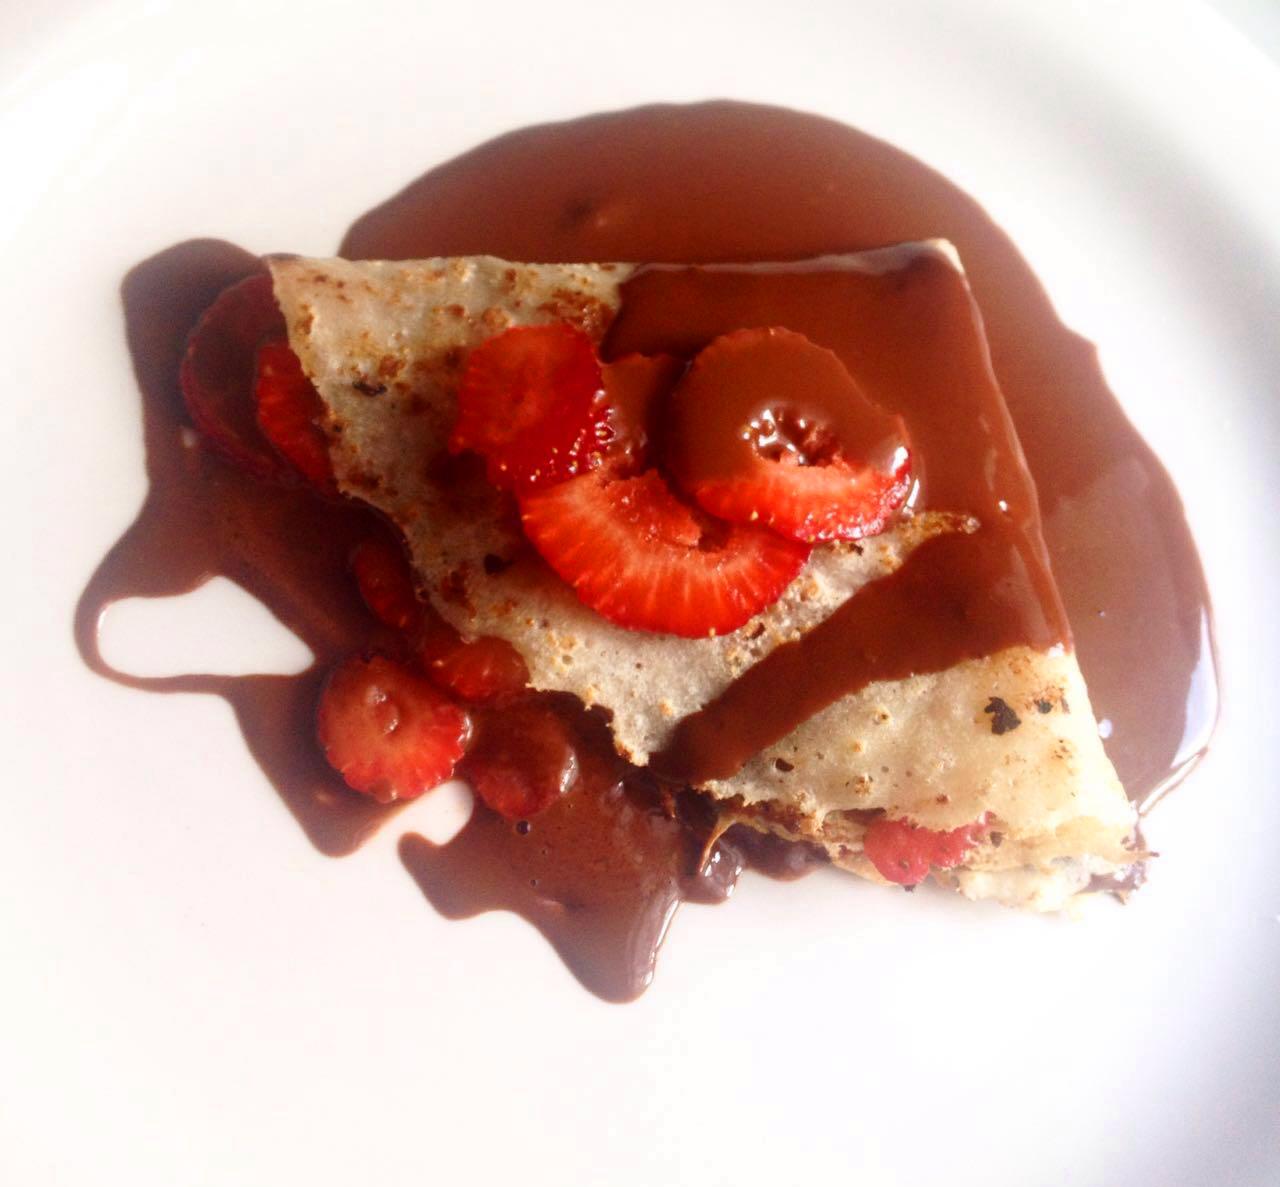 Crepe de chocolate com morango